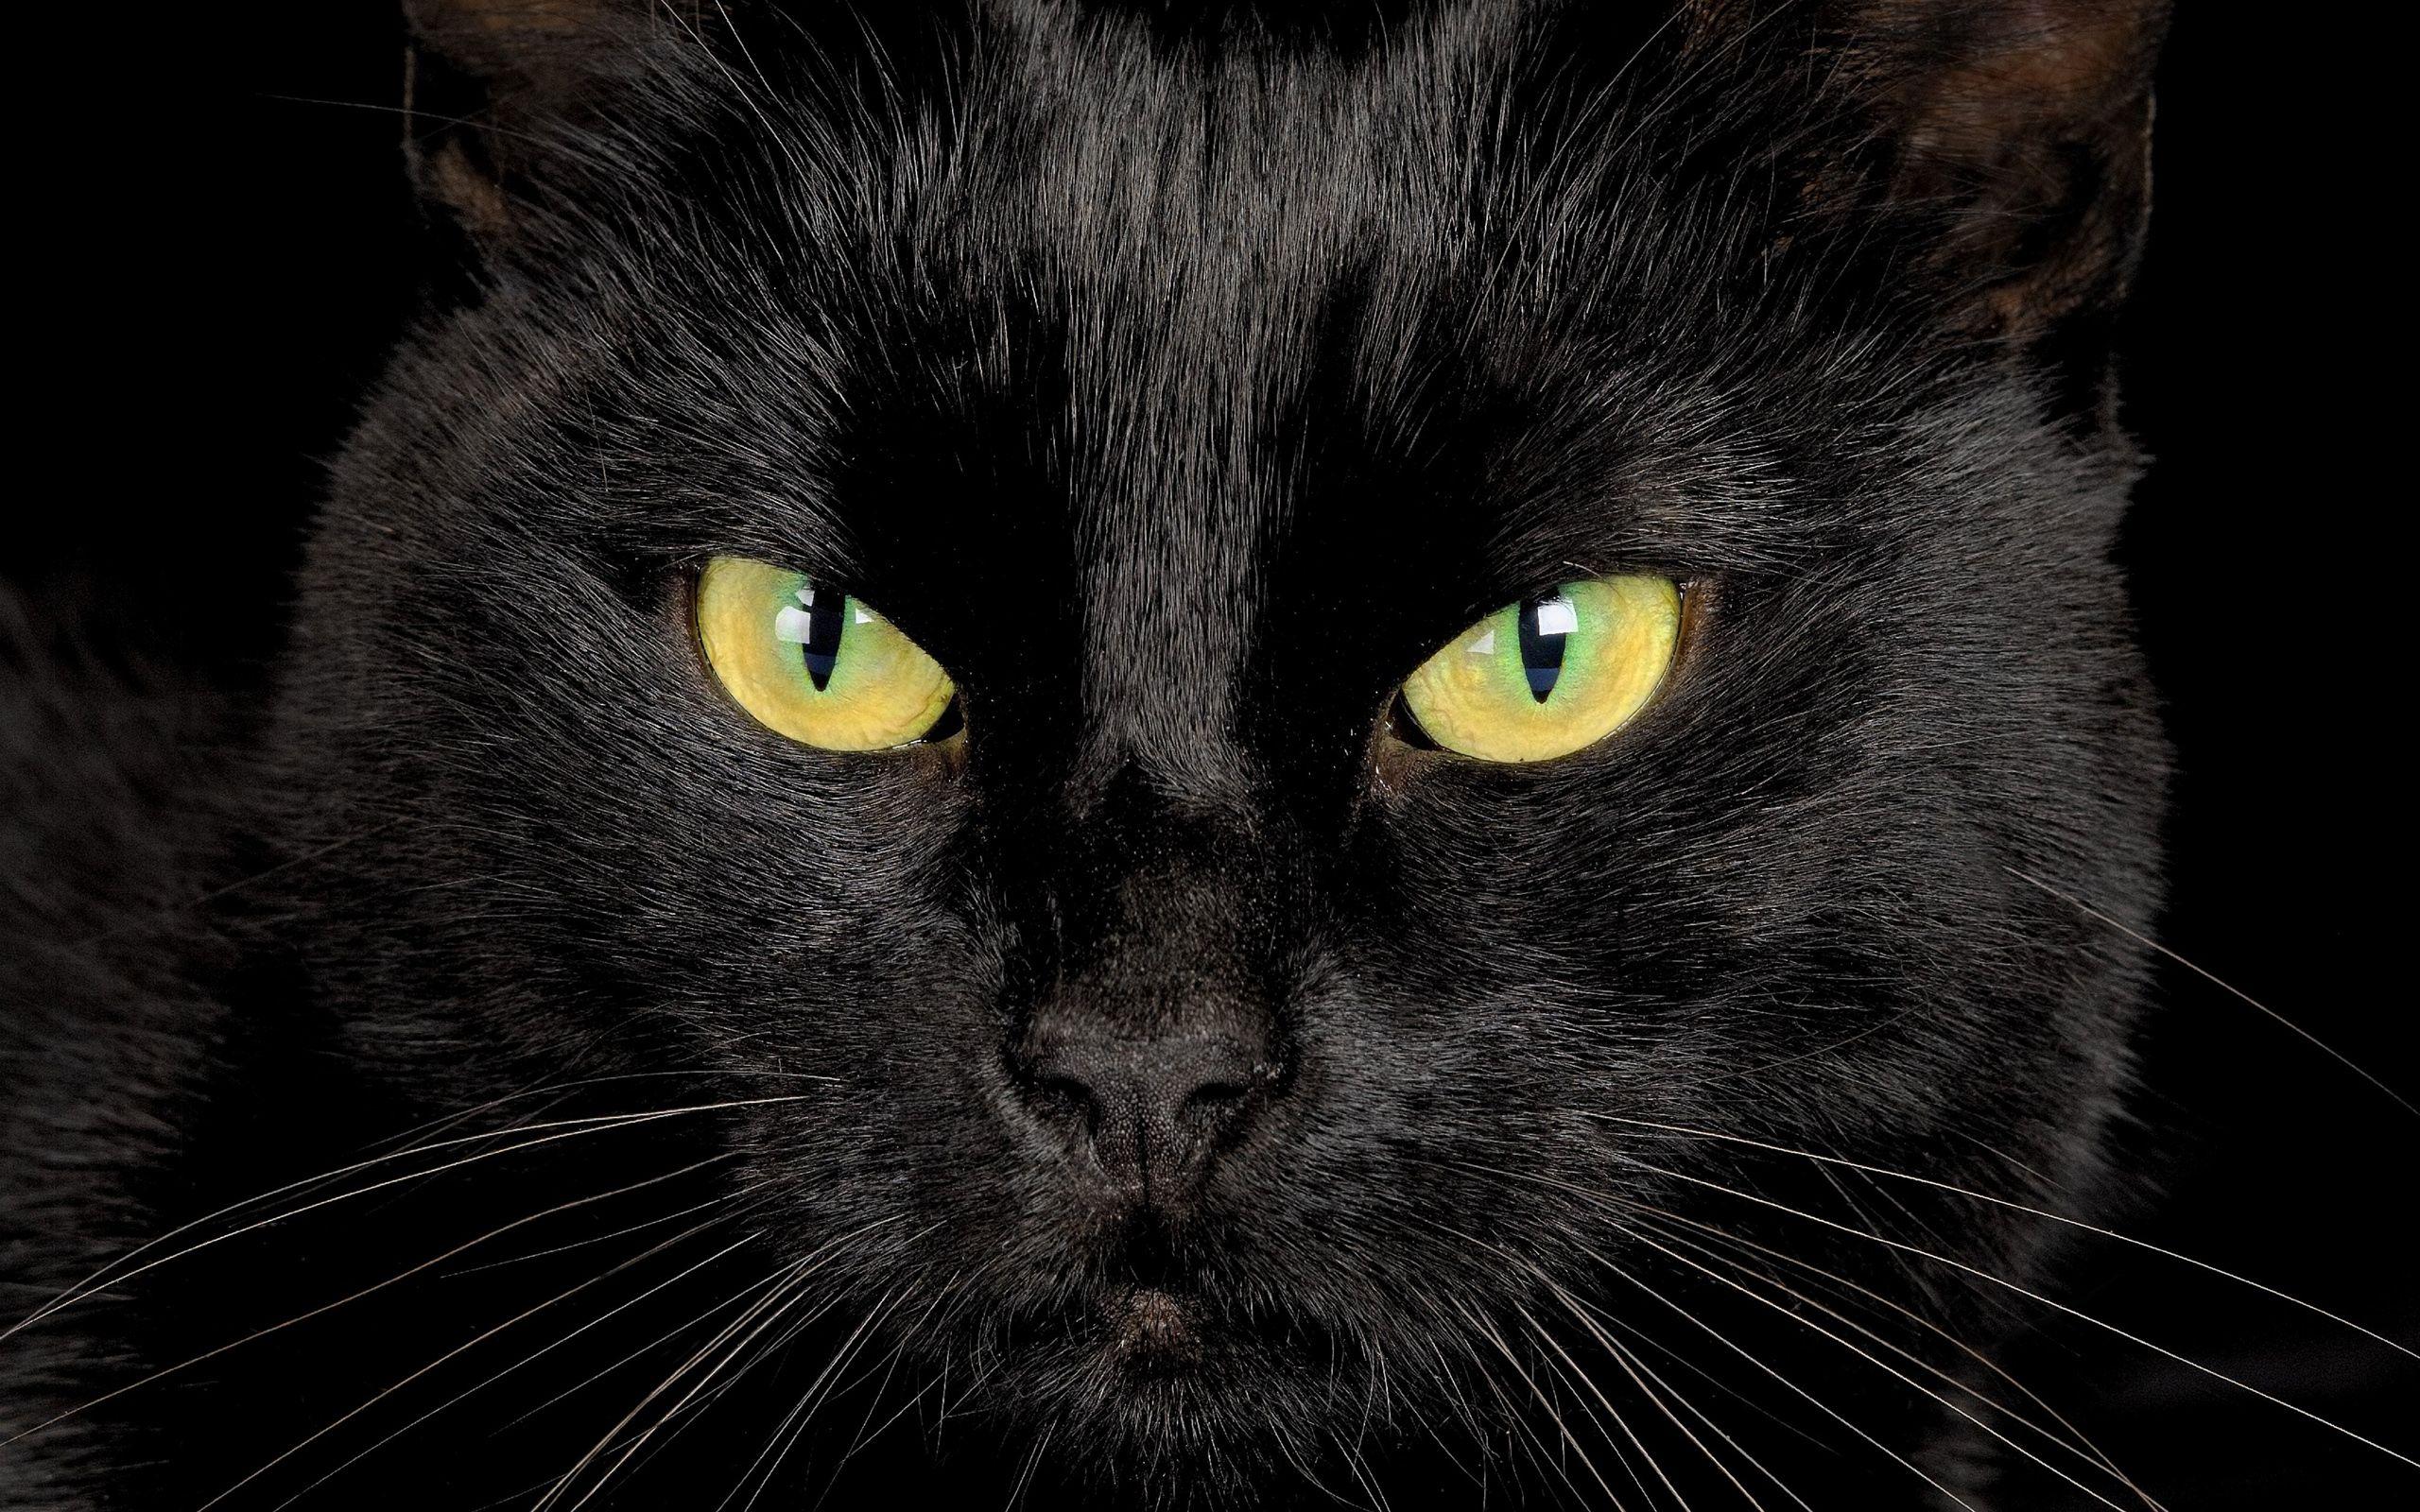 black cat eyes wallpapers hd free 301594 ai i mi a ae n a n m i n a